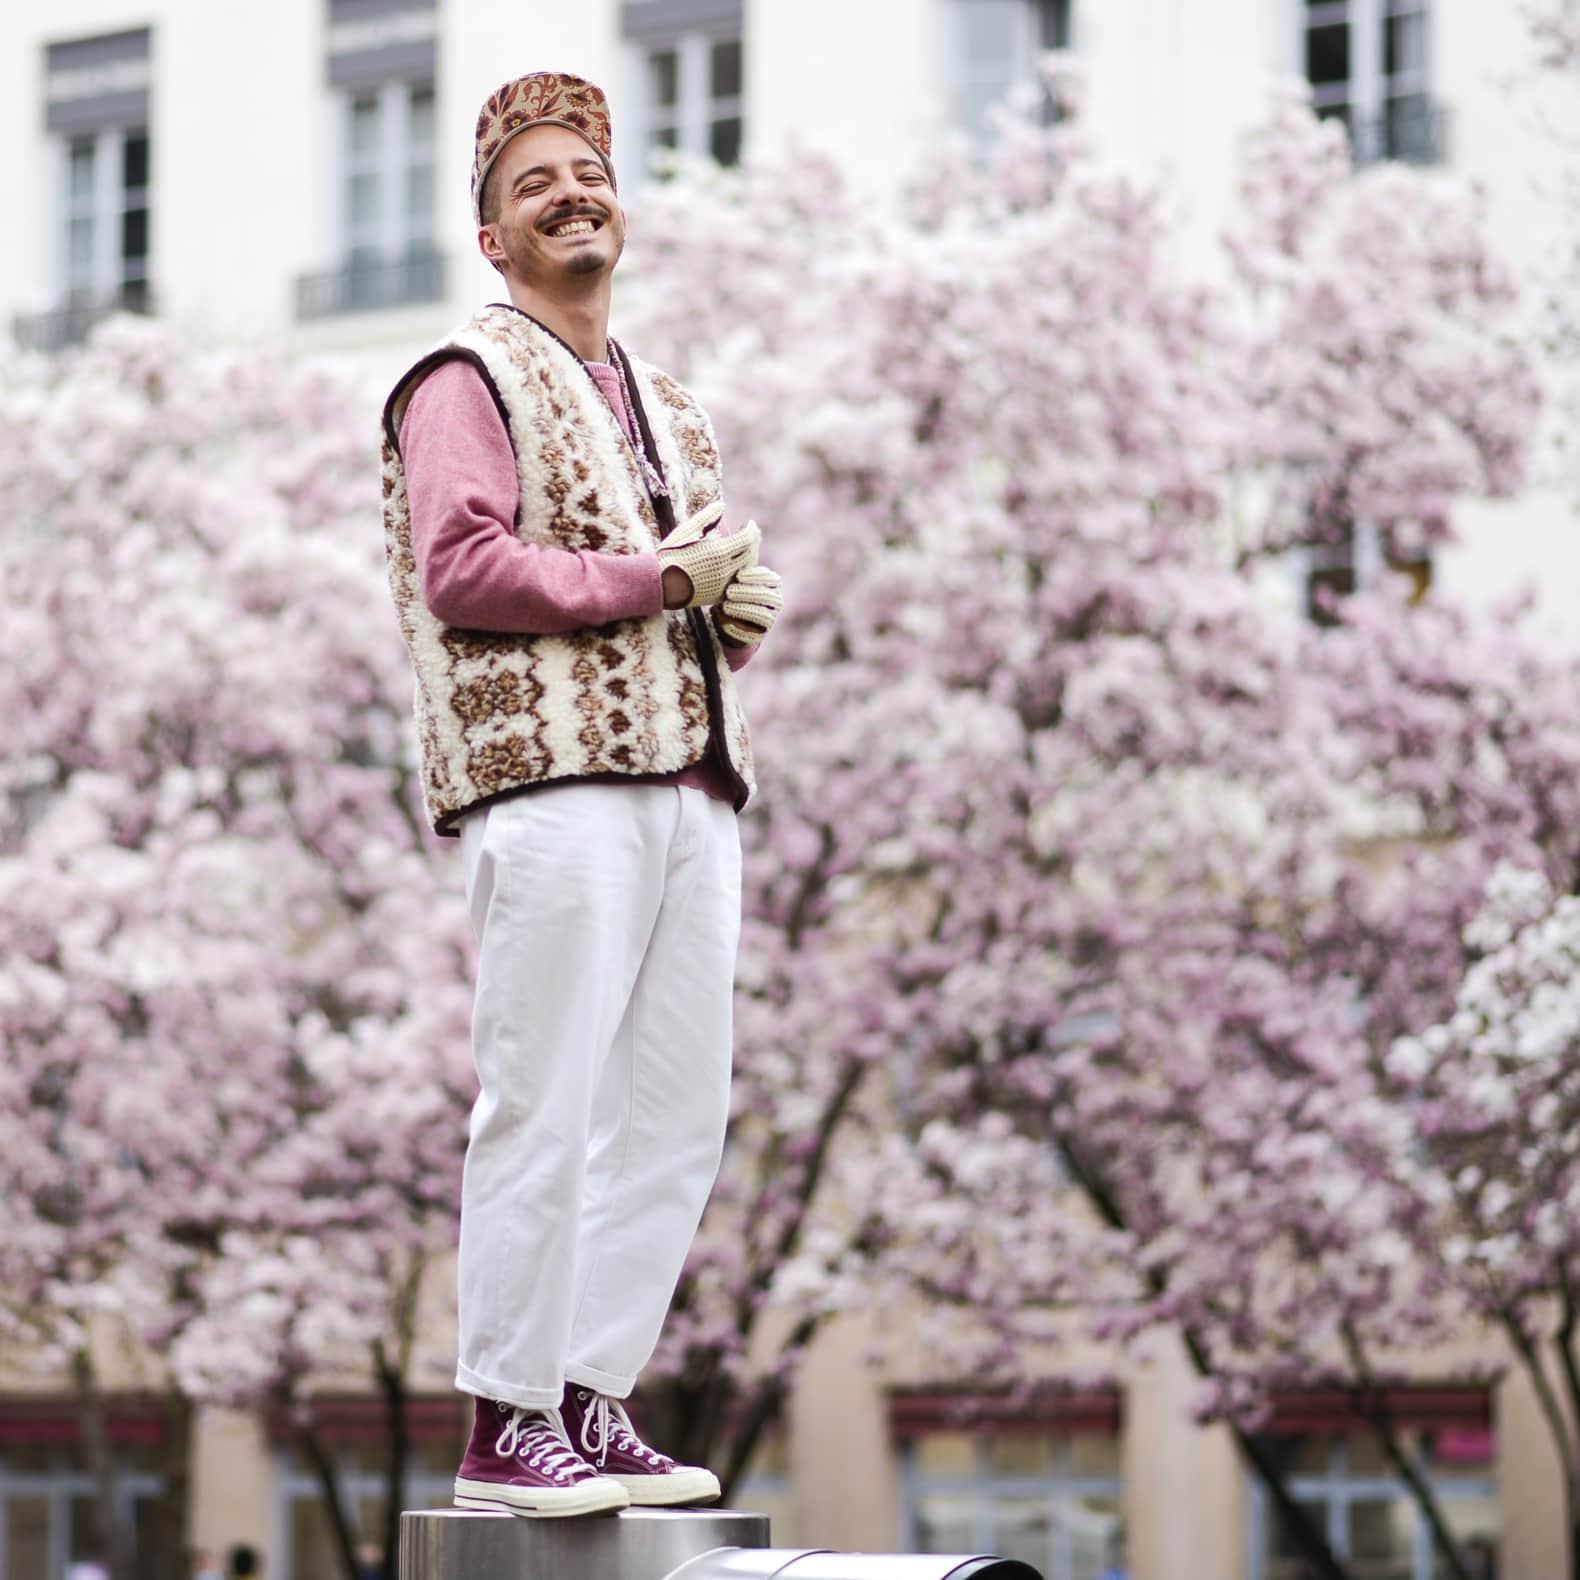 conseil-style-homme-comment-s-habiller-quand-on-est-un-homme-petit-jean-blanc